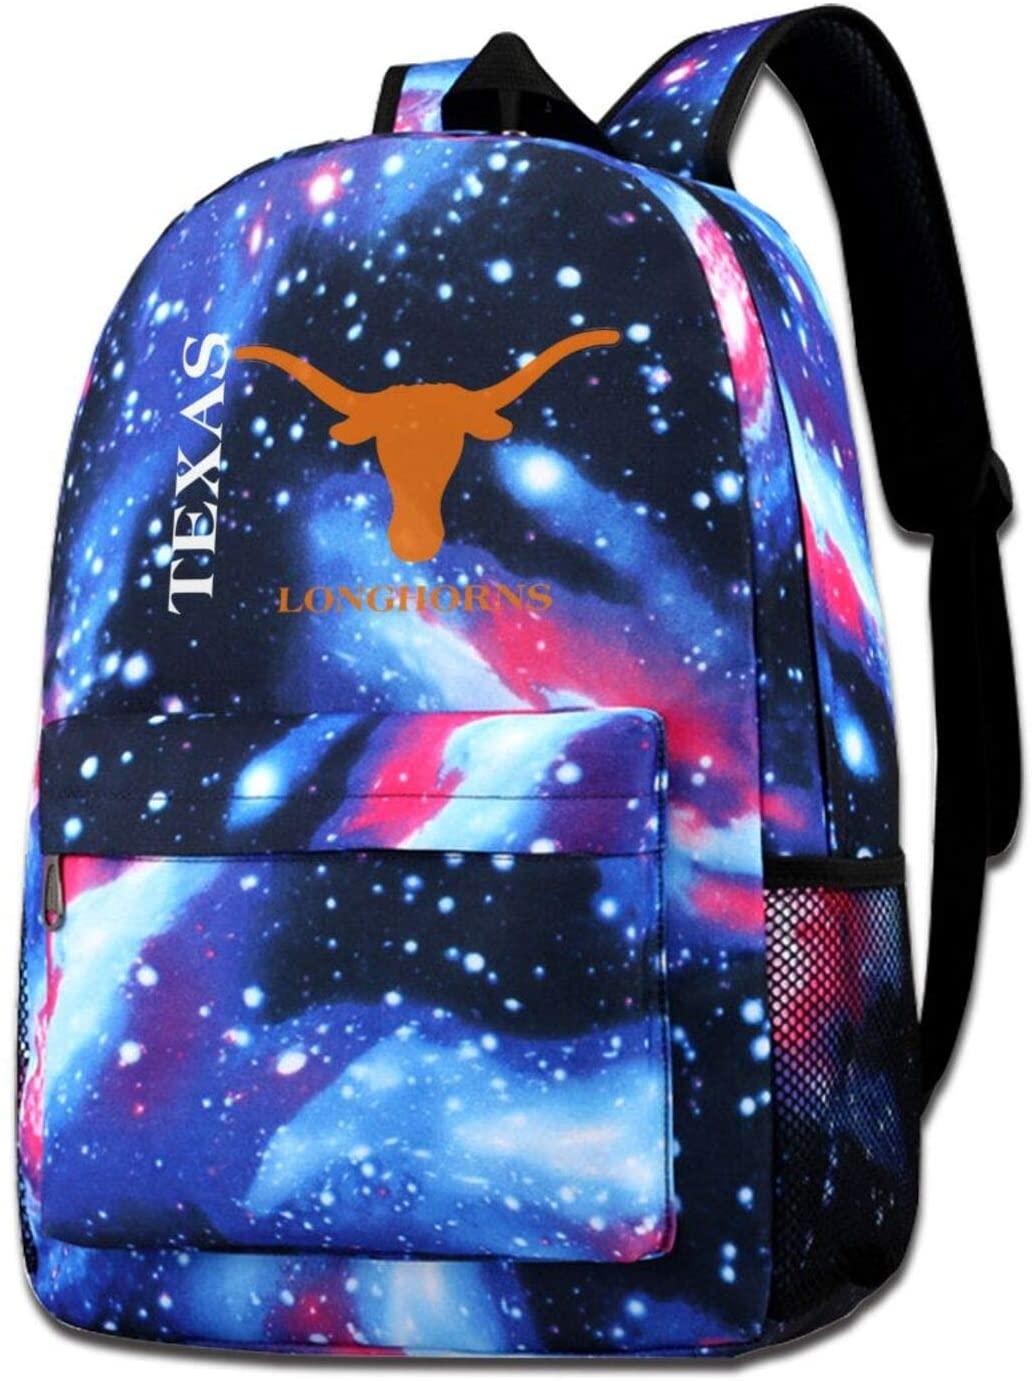 Doroty R Trumbauer Texas Longhorns Shoulder Bag